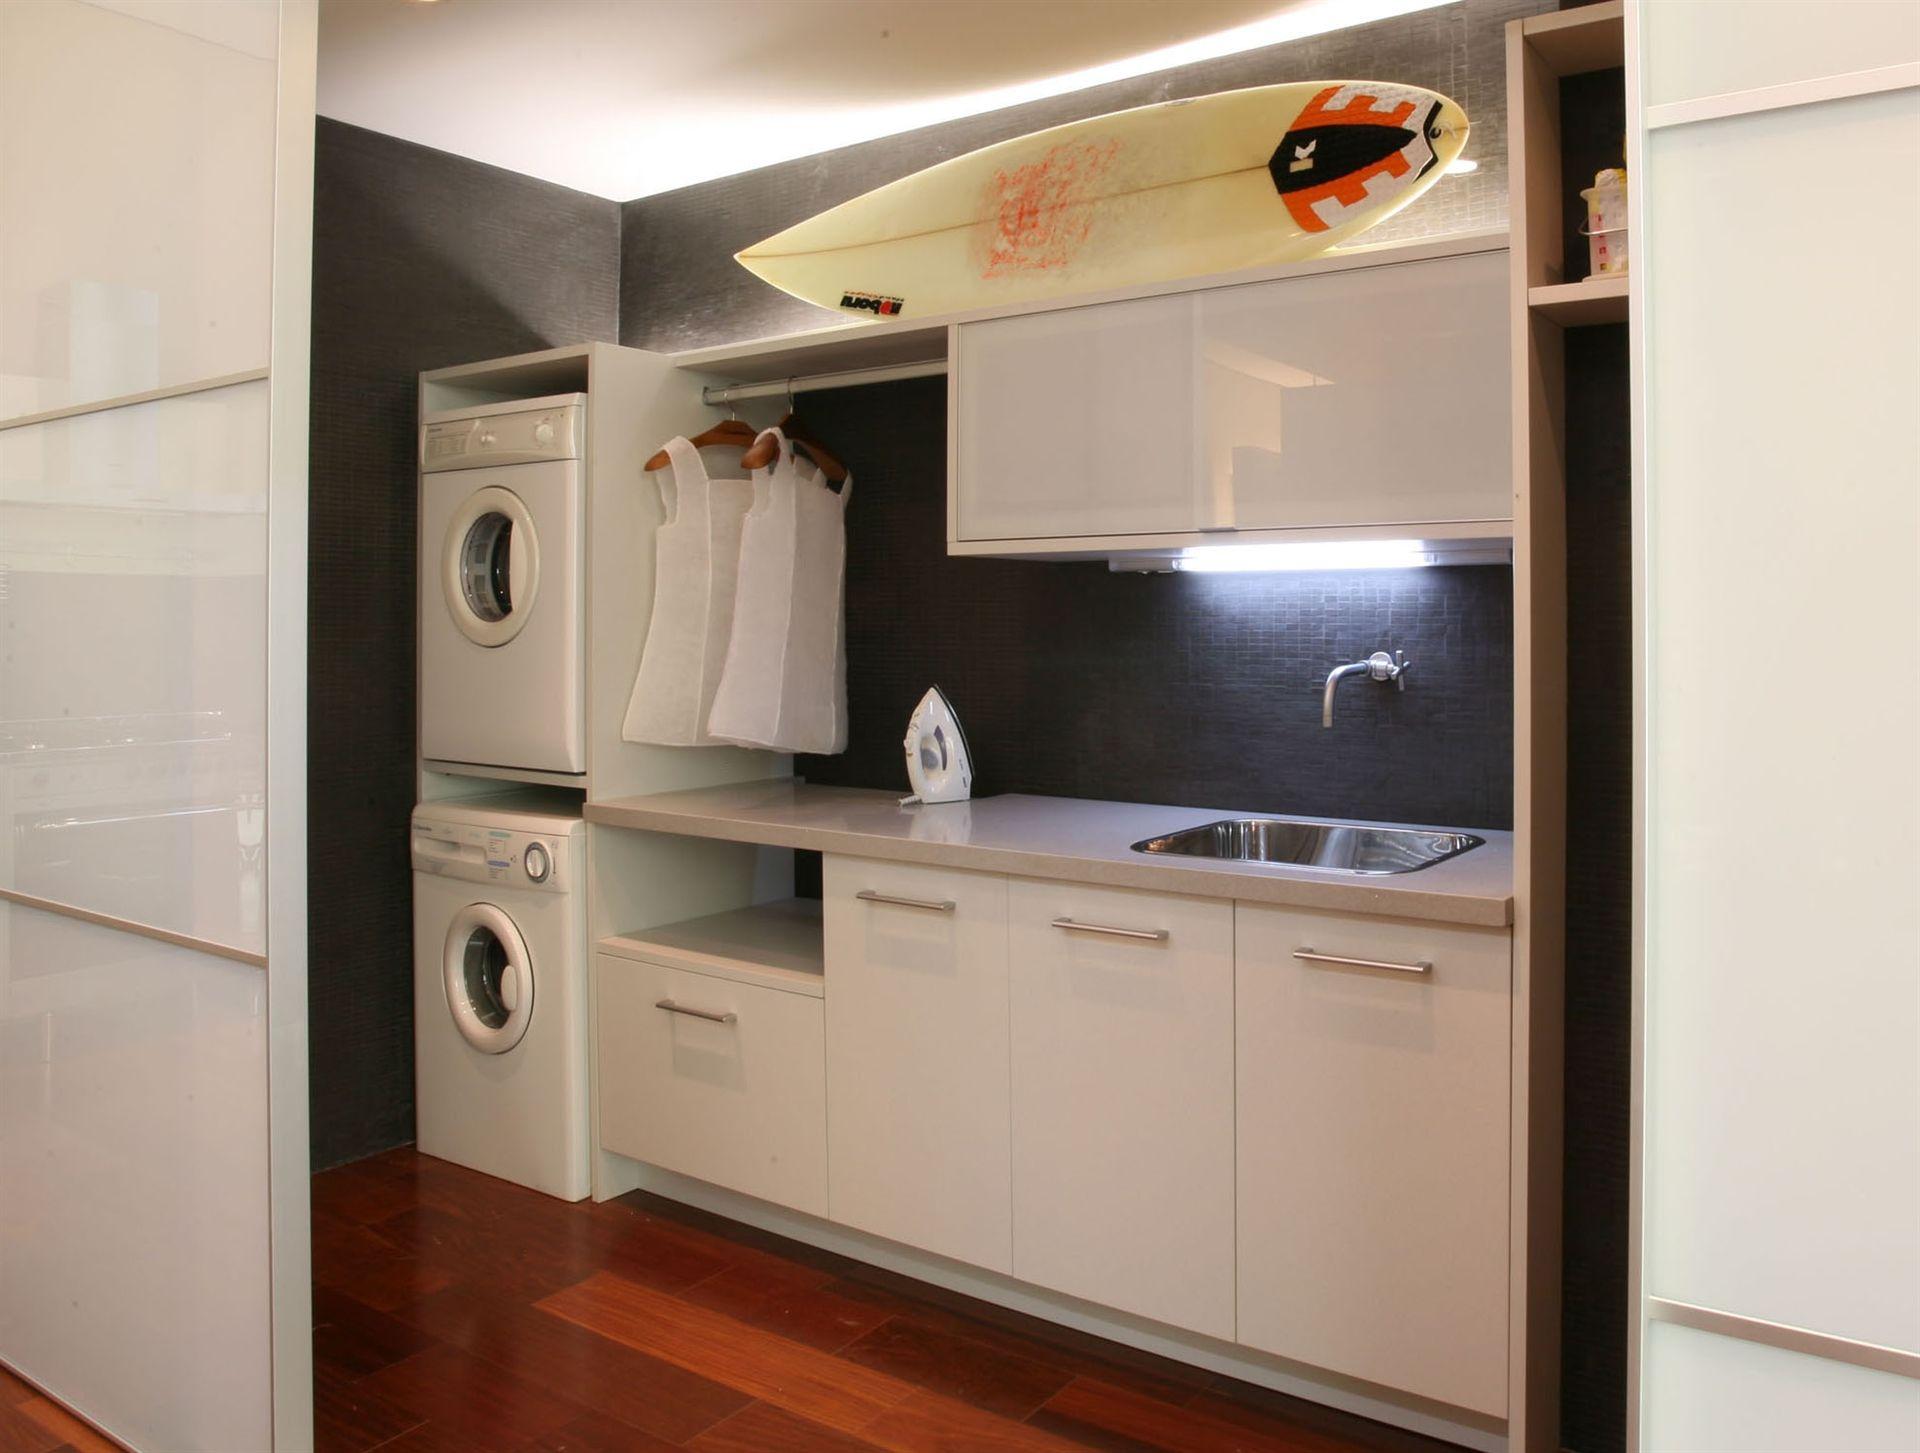 Reas De Servi O Moderna Da Florense For The Home Pantry And